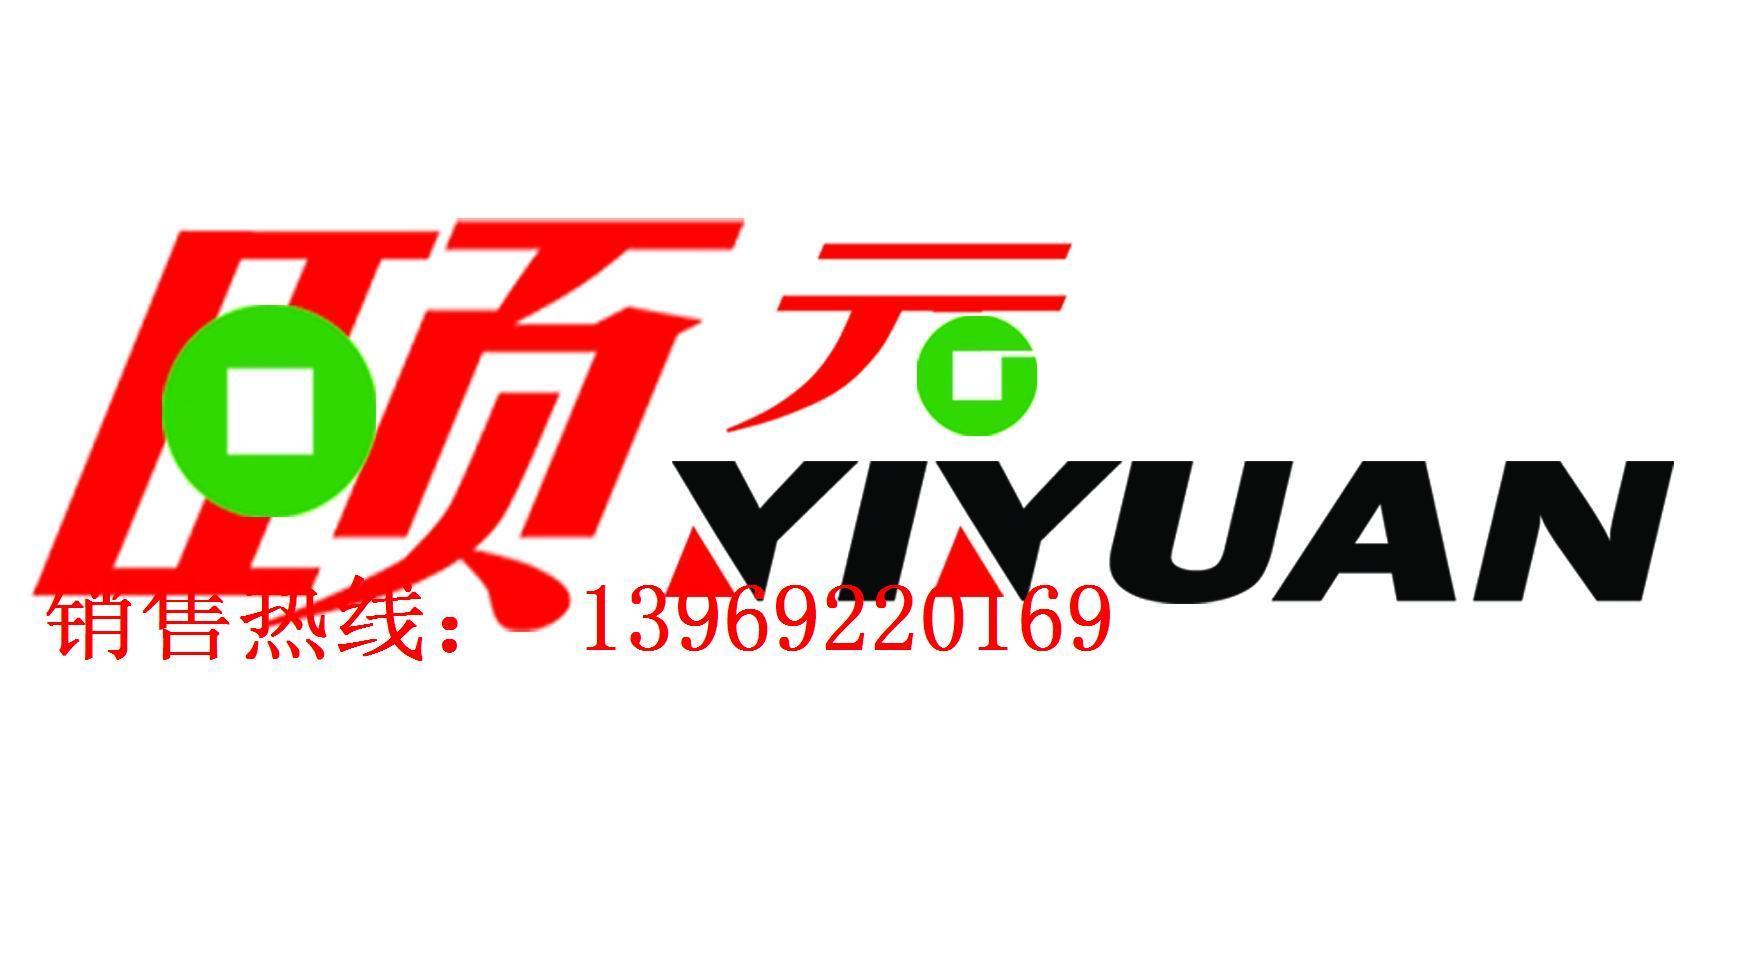 logo logo 标志 设计 矢量 矢量图 素材 图标 1758_966